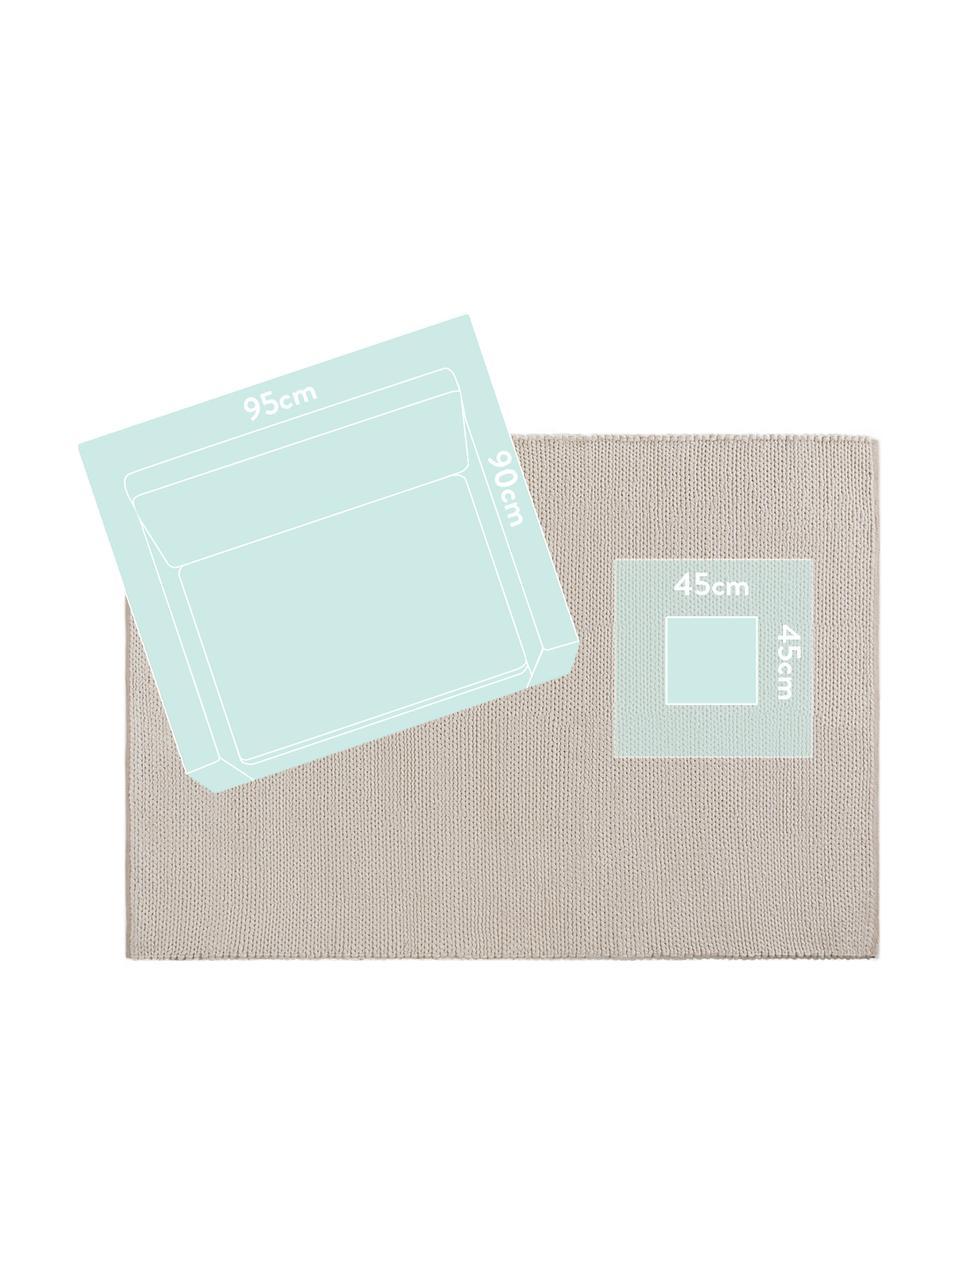 Handgewebter Wollteppich Uno in Creme mit geflochtener Struktur, Flor: 60% Wolle, 40% Polyester, Creme, B 200 x L 300 cm (Größe L)